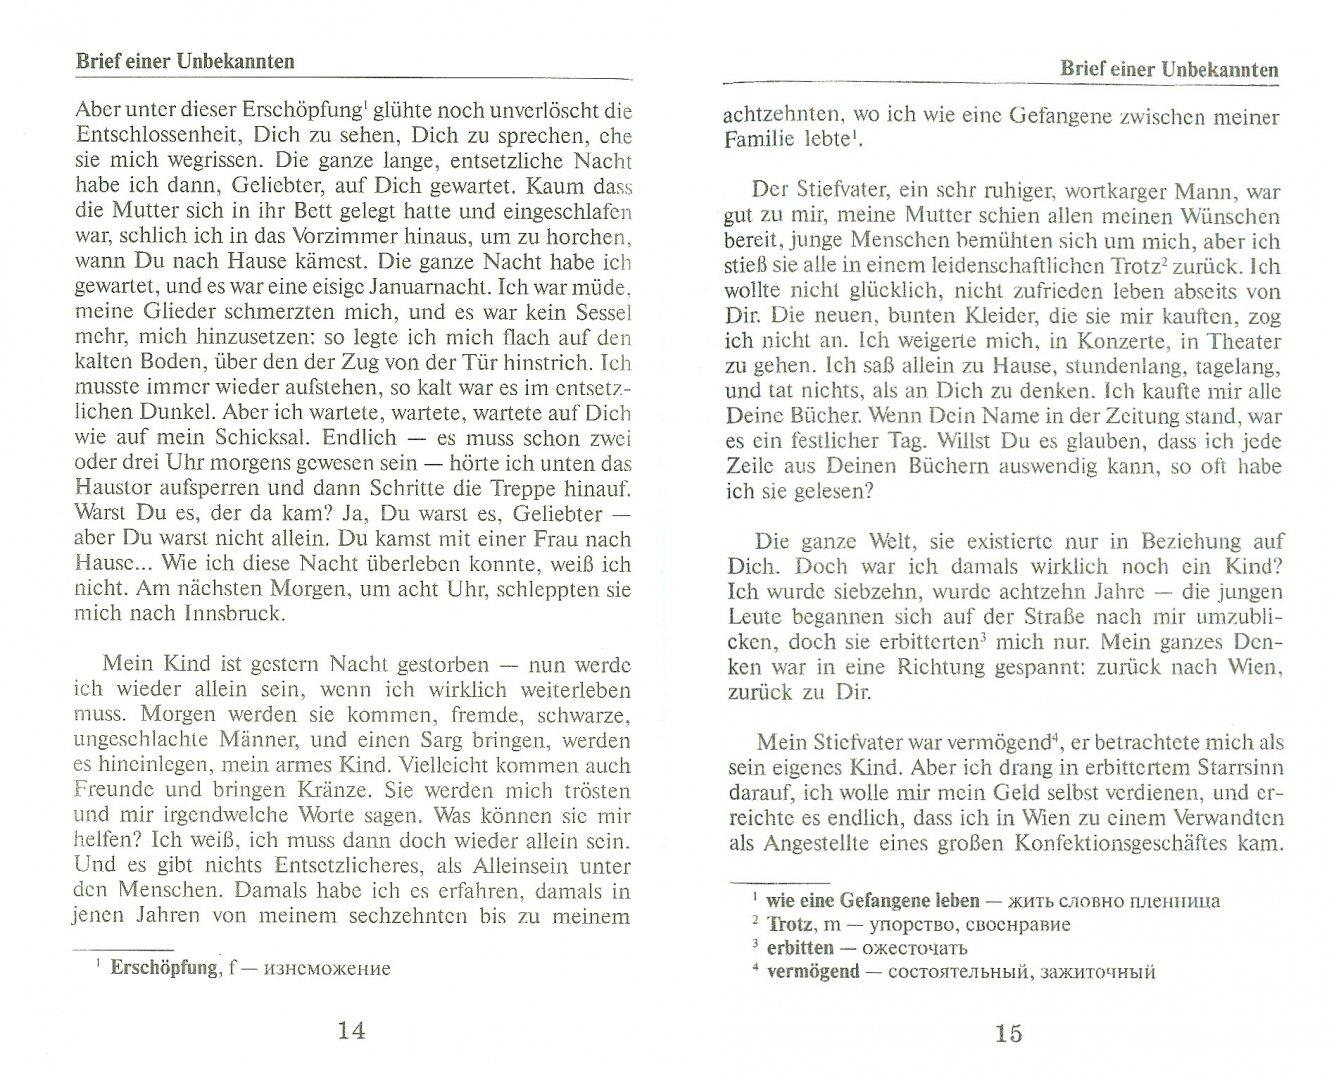 Иллюстрация 1 из 16 для Немецкий с любовью. Новеллы = Novellen - Стефан Цвейг   Лабиринт - книги. Источник: Лабиринт